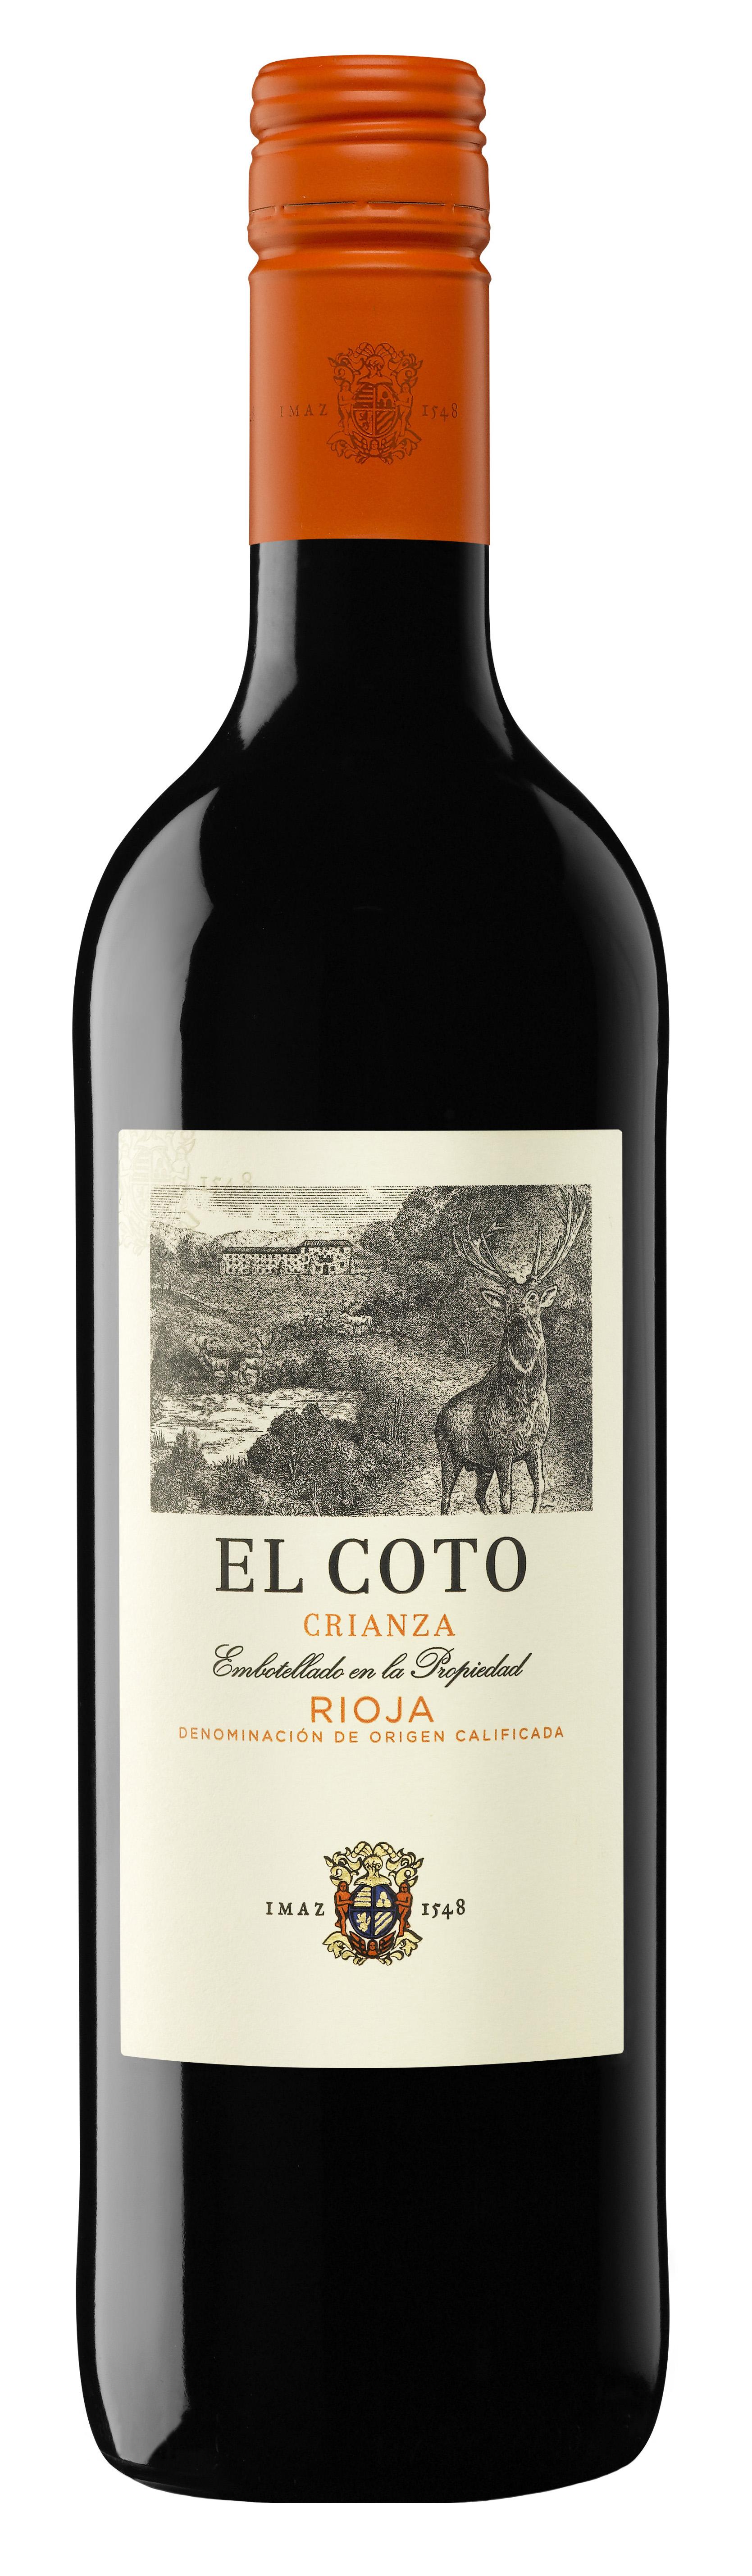 El Coto, Rioja Crianza 2014